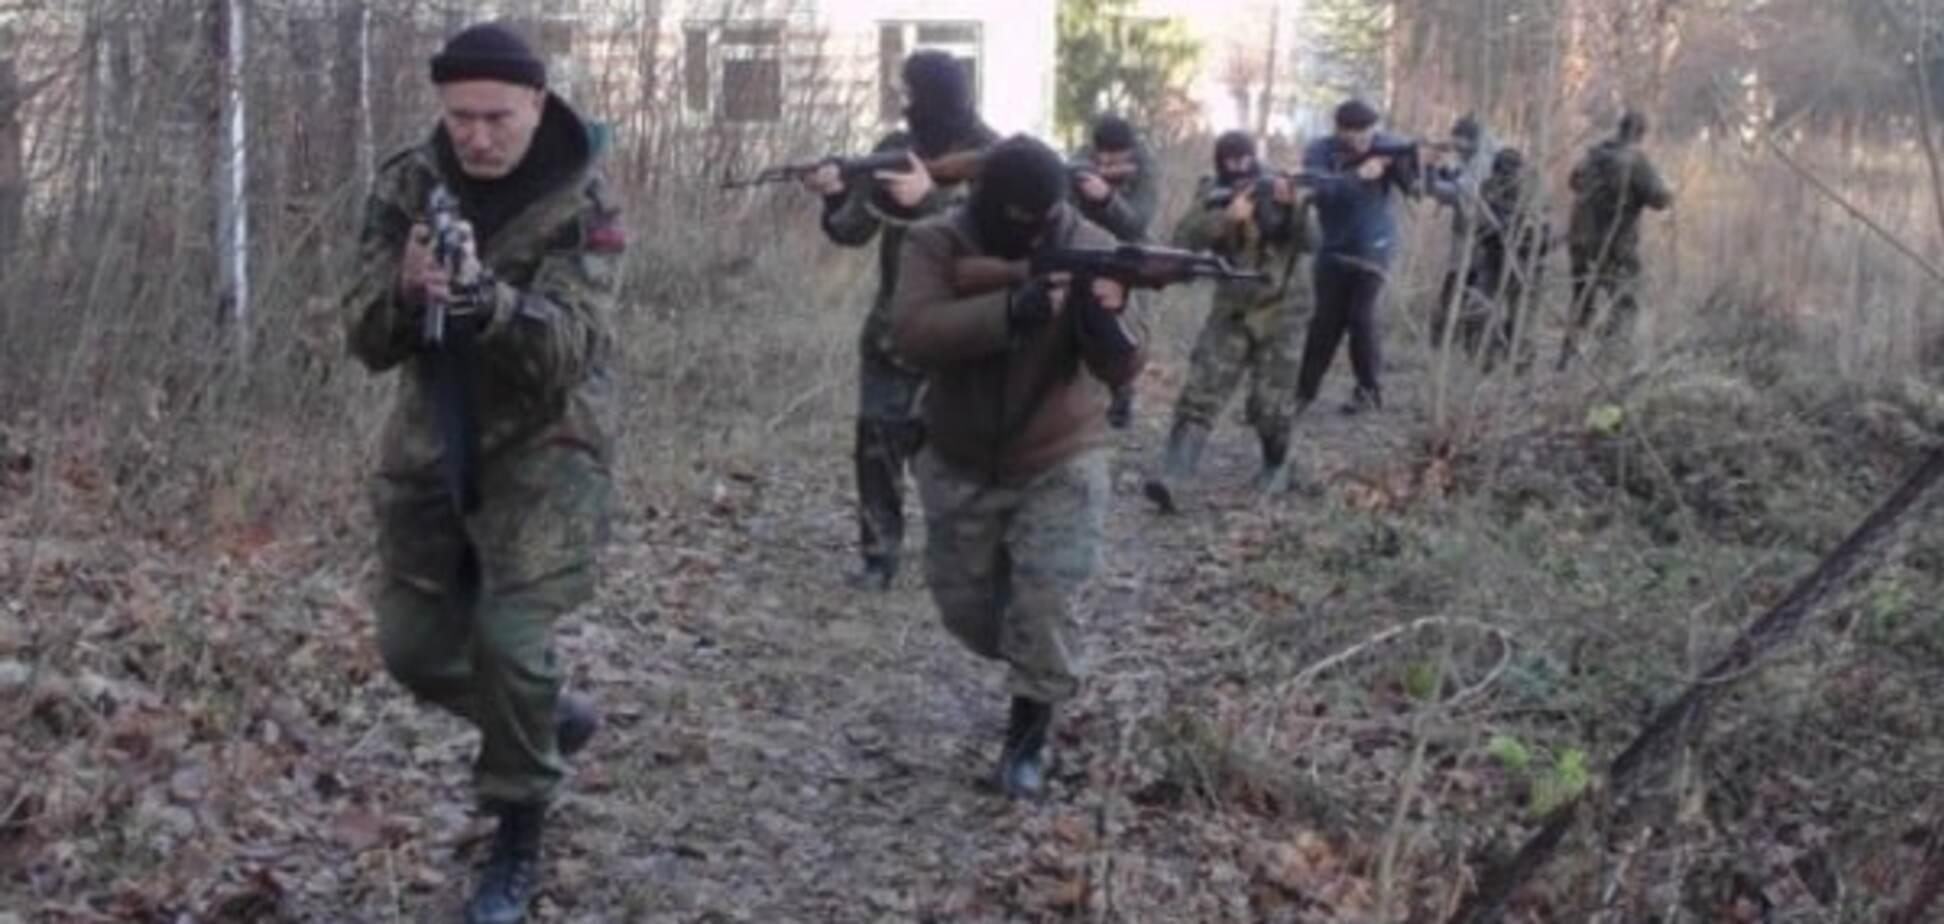 Терористи влаштували перестрілку з 'Правим сектором' в зоні АТО: є загиблі